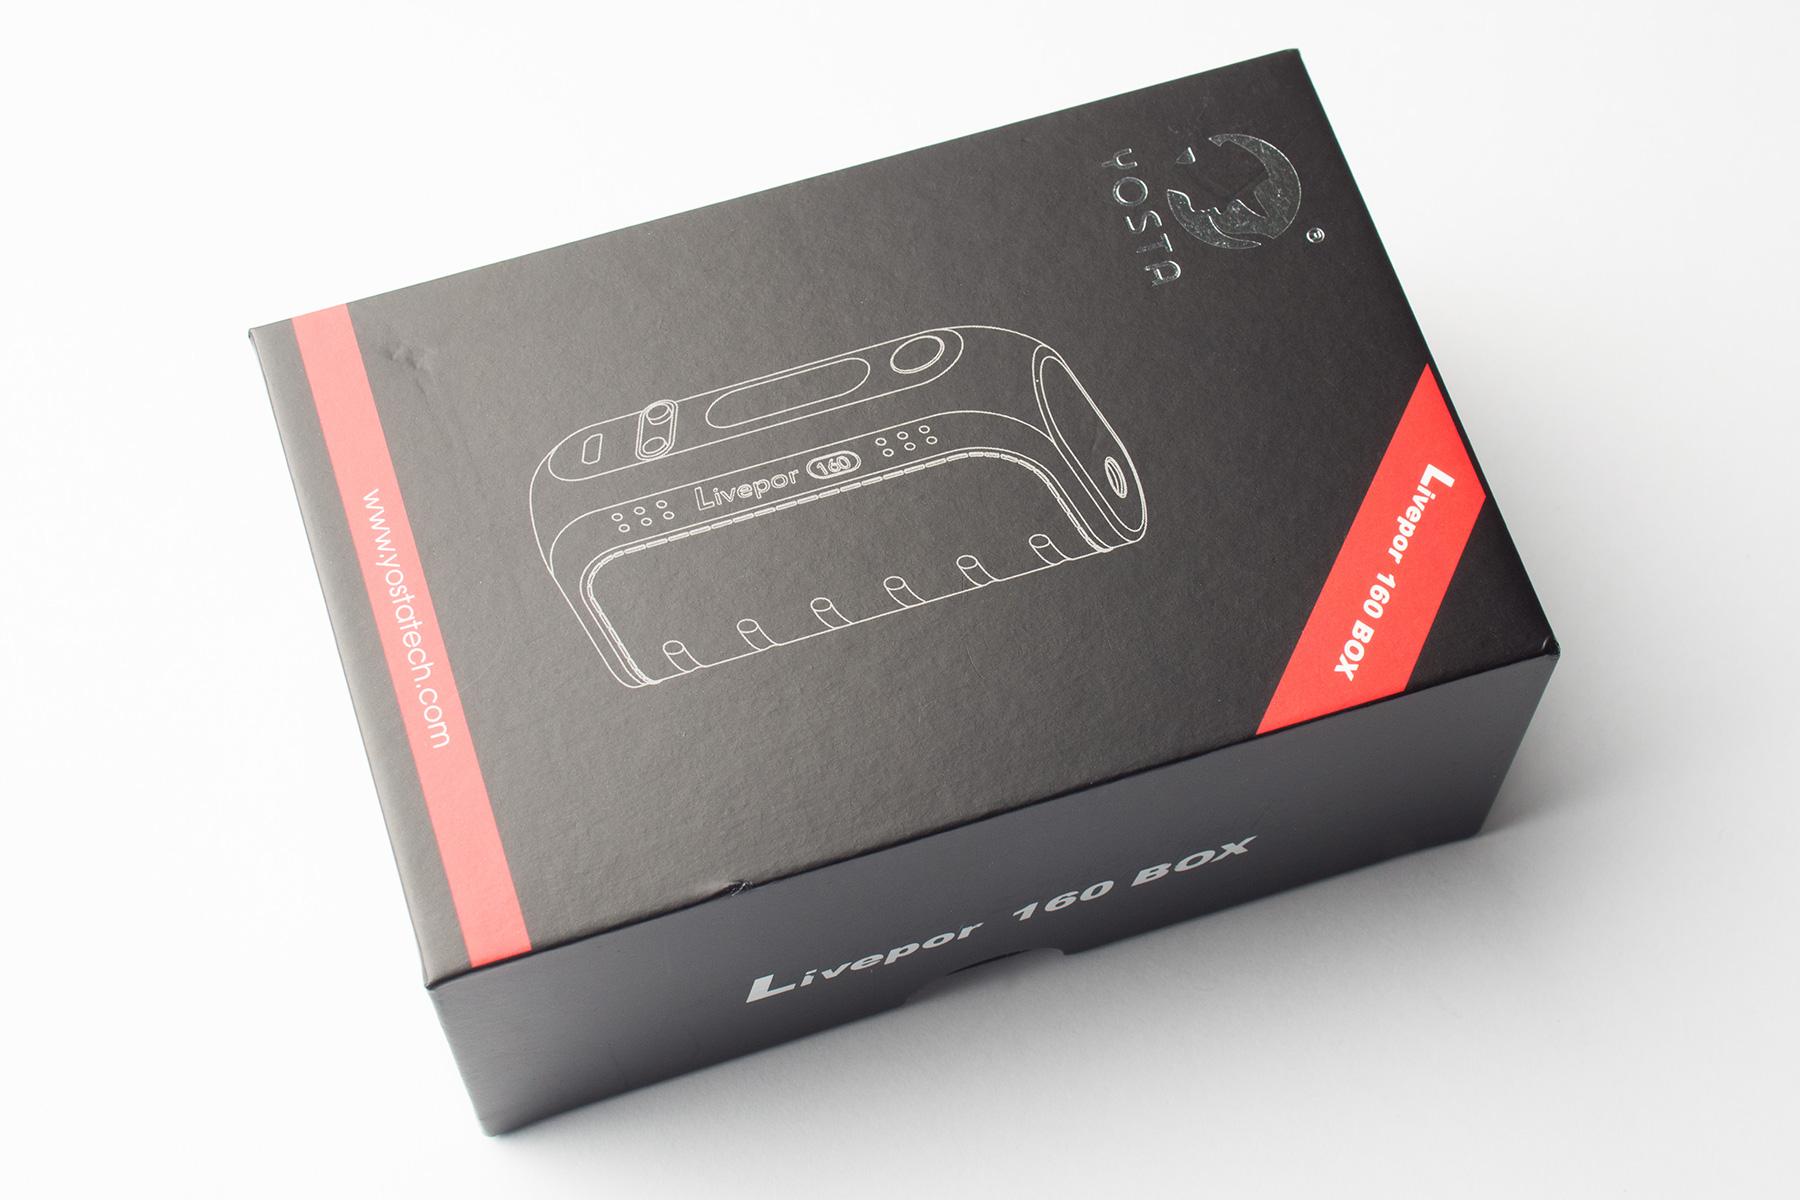 【テクニカルMOD】Livepor 160W Box Mod (Yosta/ヨースタ)レビュー